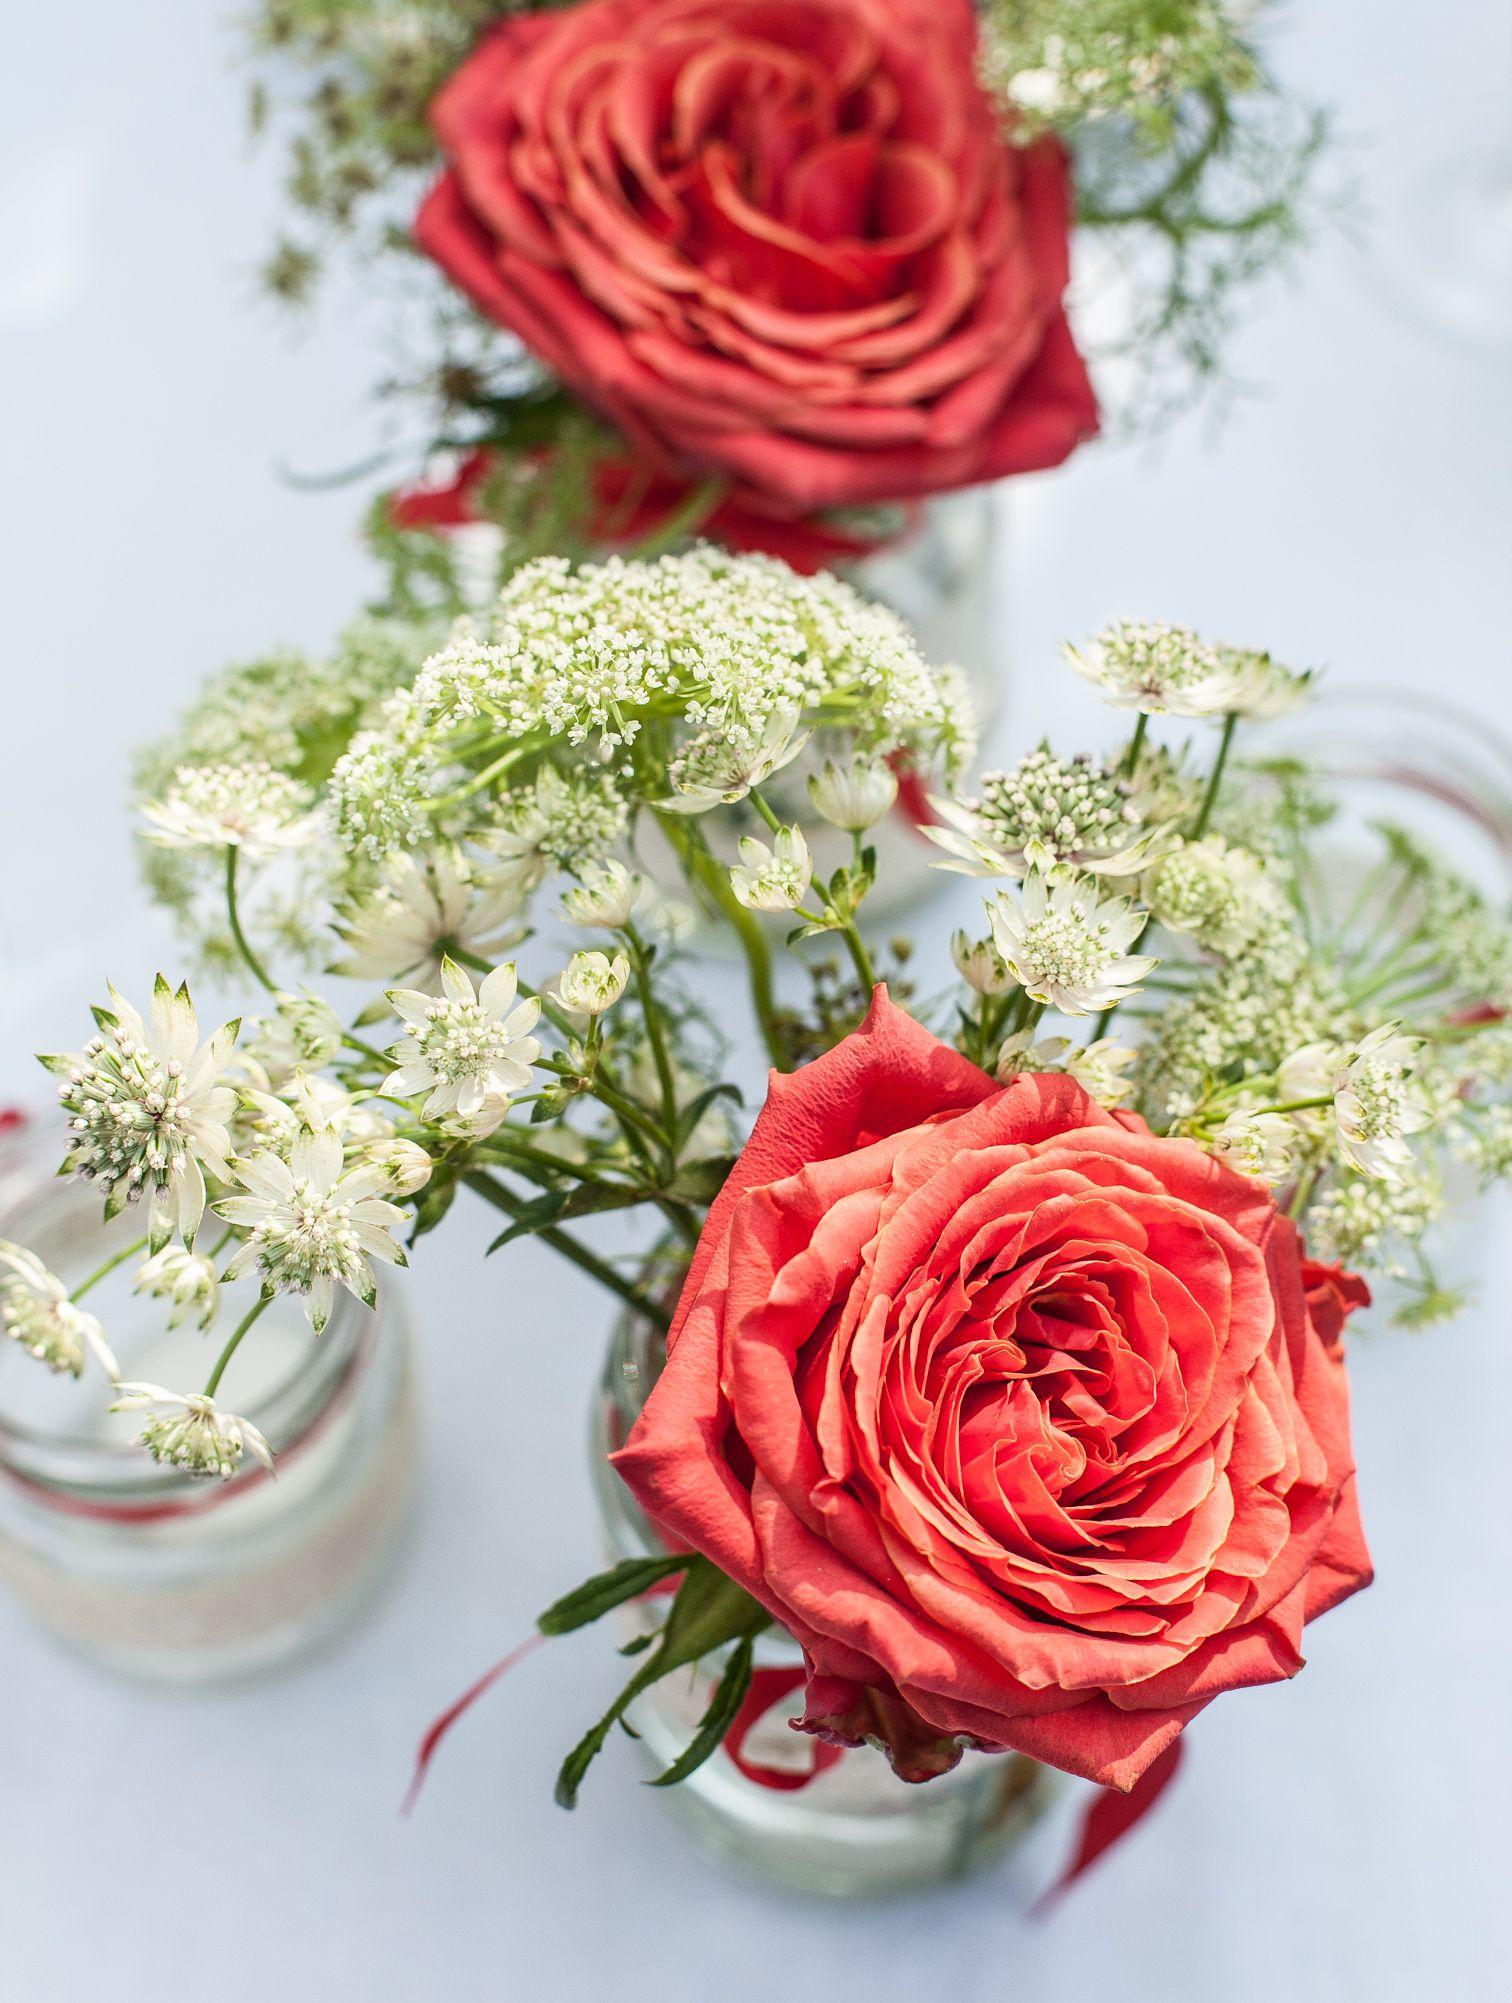 Wedding flowers roses weddings diy wedding vases red white wedding flowers roses weddings diy wedding vases red reviewsmspy